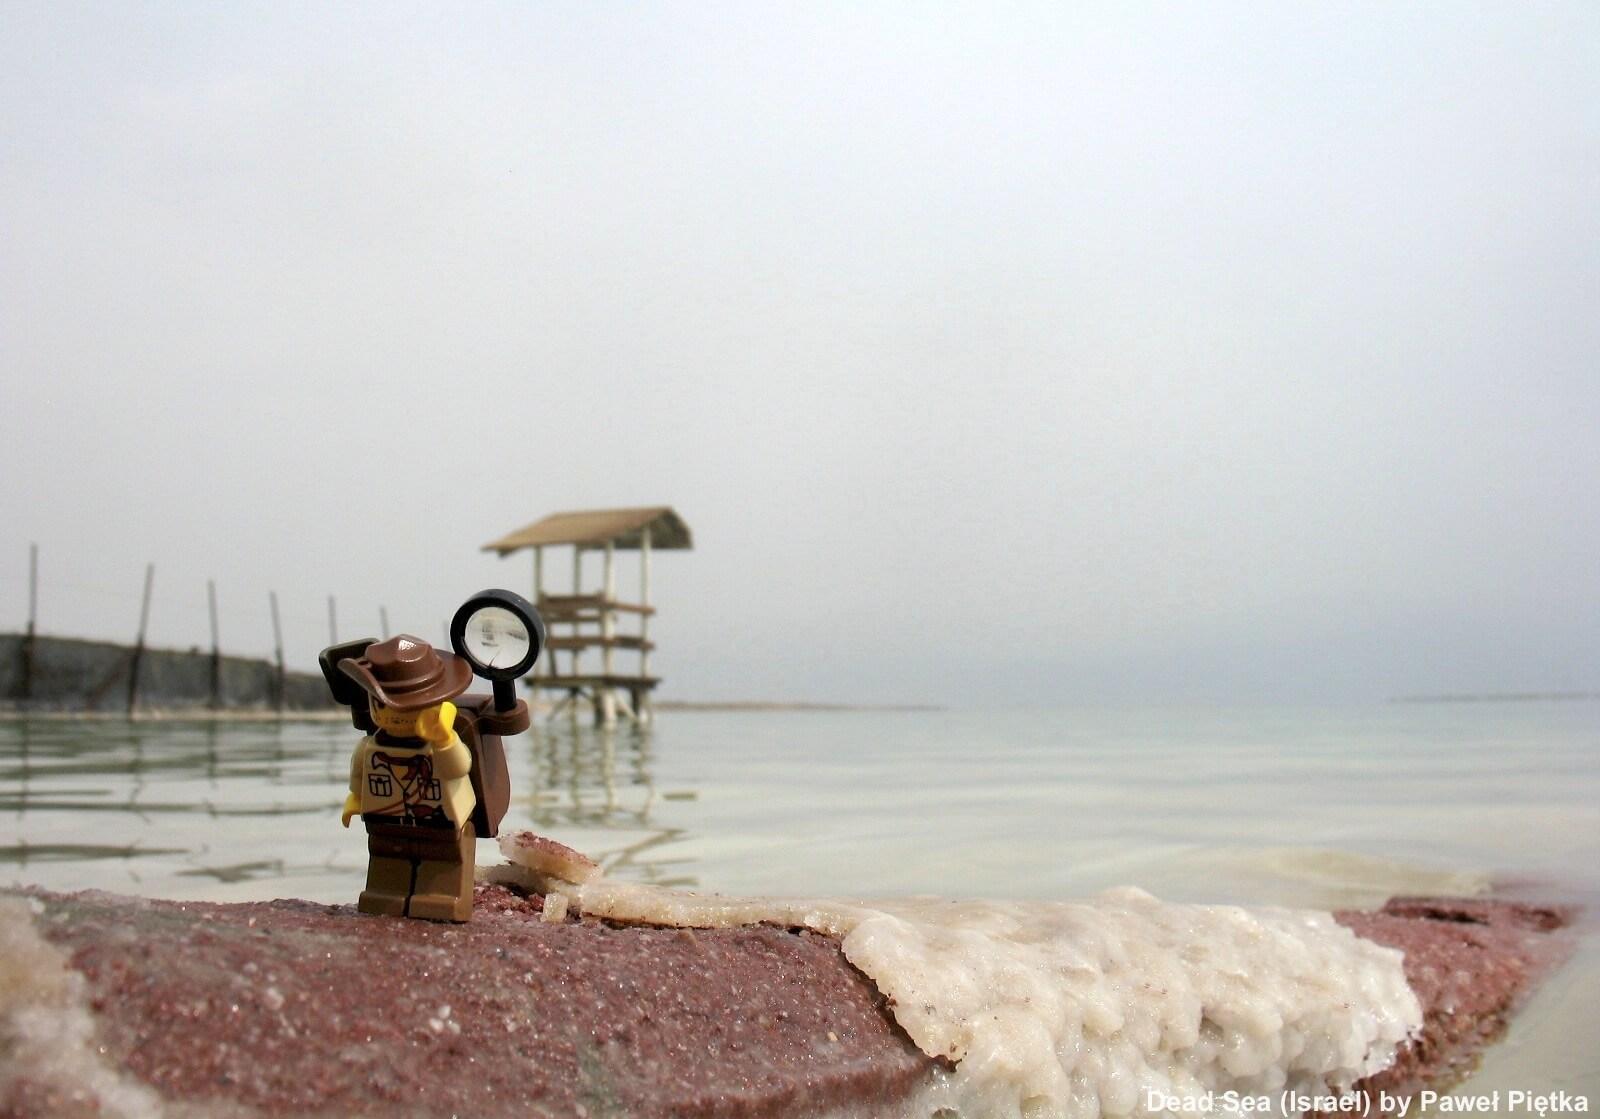 Dead Sea (Israel) 2